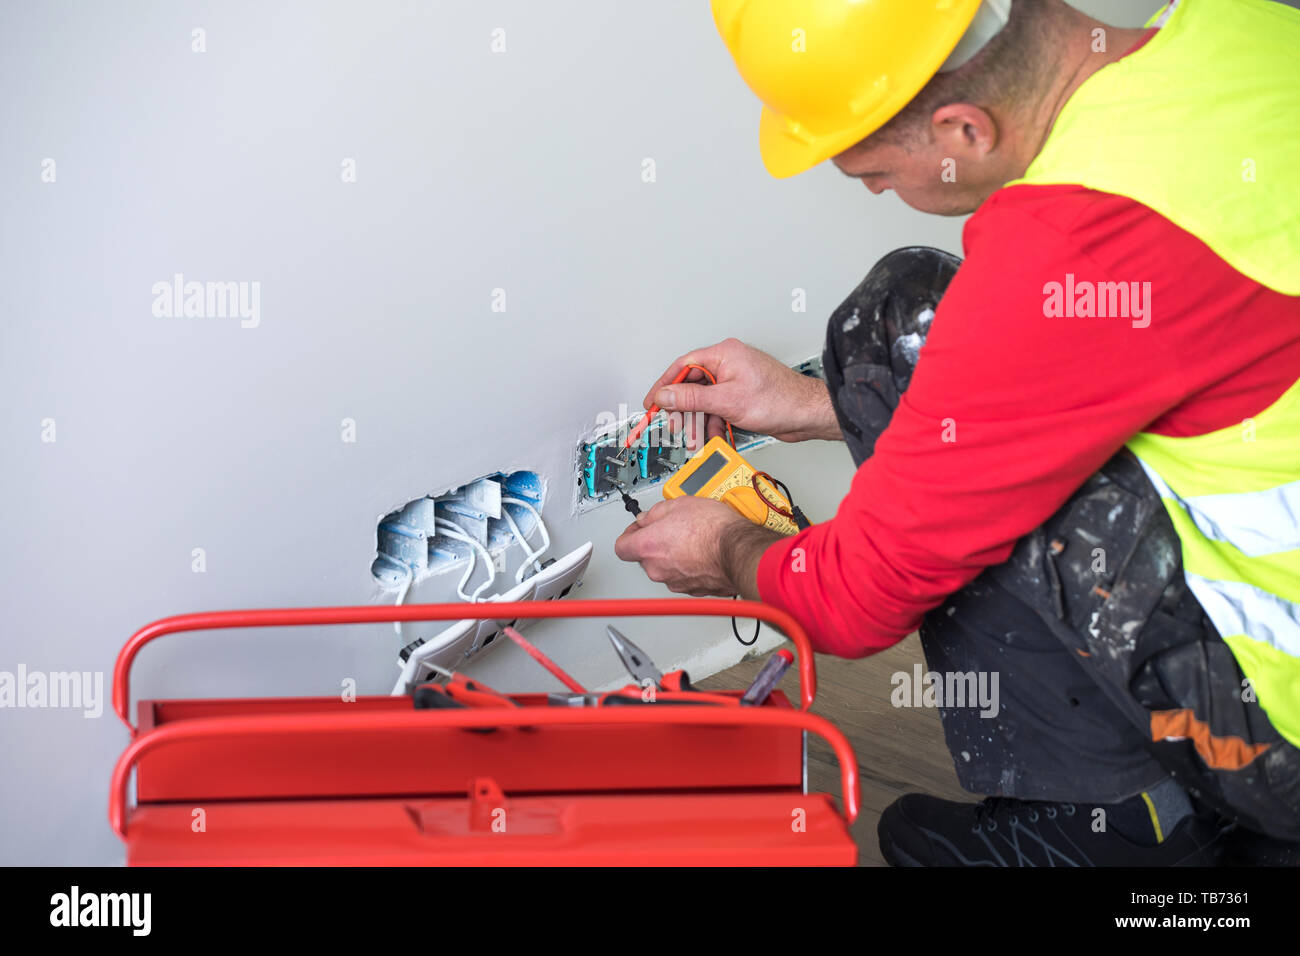 Hände von einem Elektriker, Elektriker, Handwerker und elektrische Installation Stockfoto